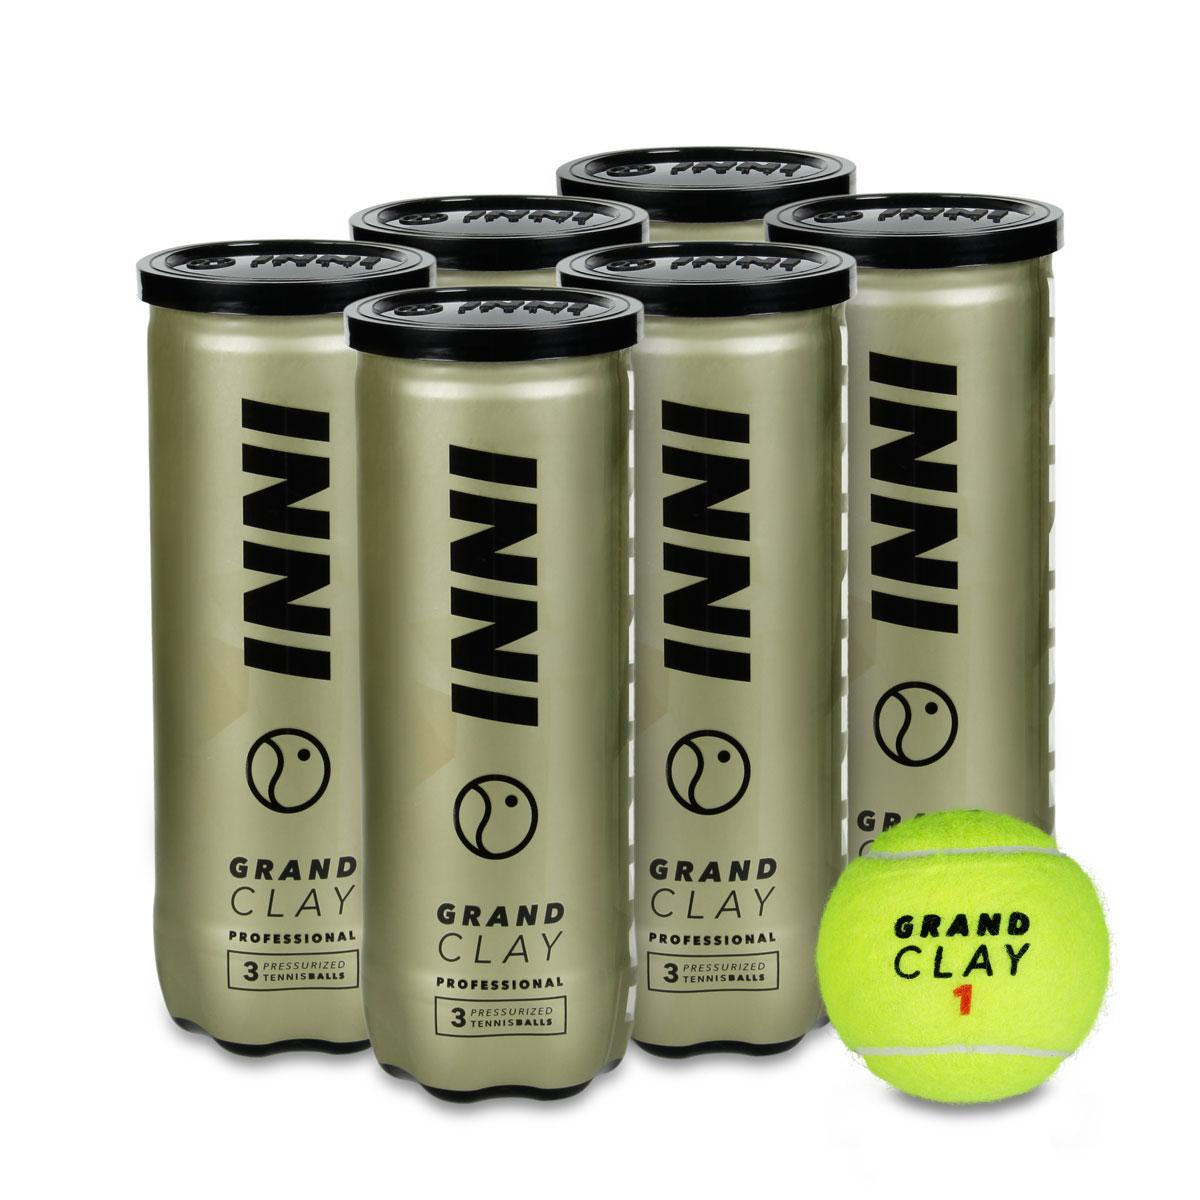 Bola de Tênis Inni Grand Clay - Pack com 06 Tubos  - PROTENISTA